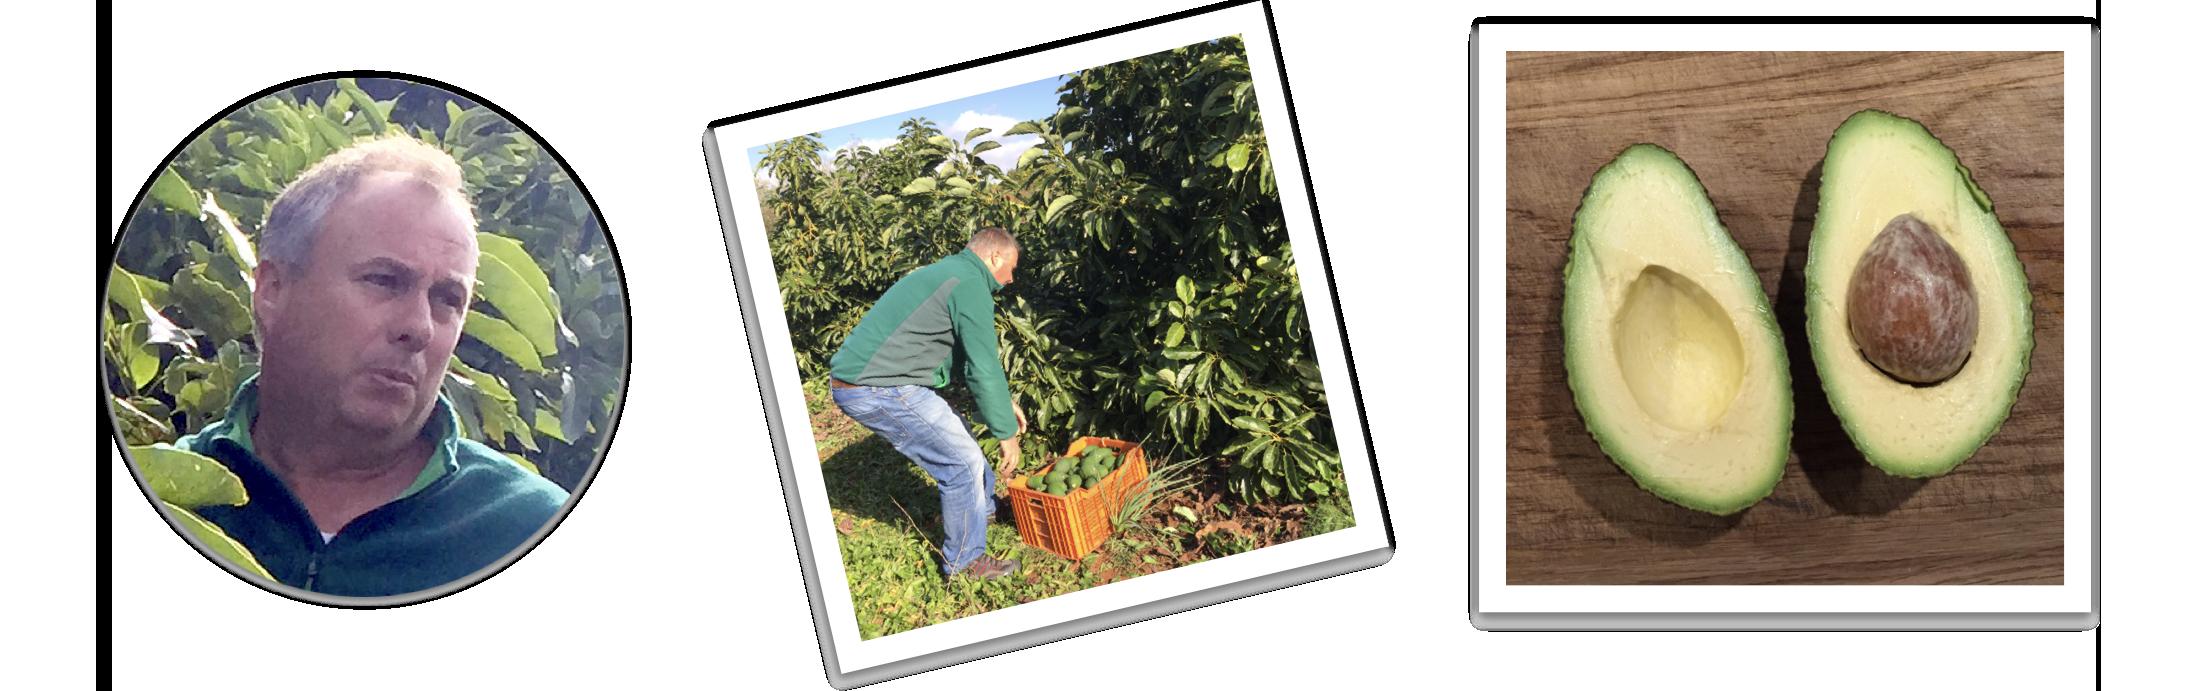 Sergio som høster hass avocado i sin farm og billede af en Hass avocado skåret igennem som fremstår helt perfekt indeni